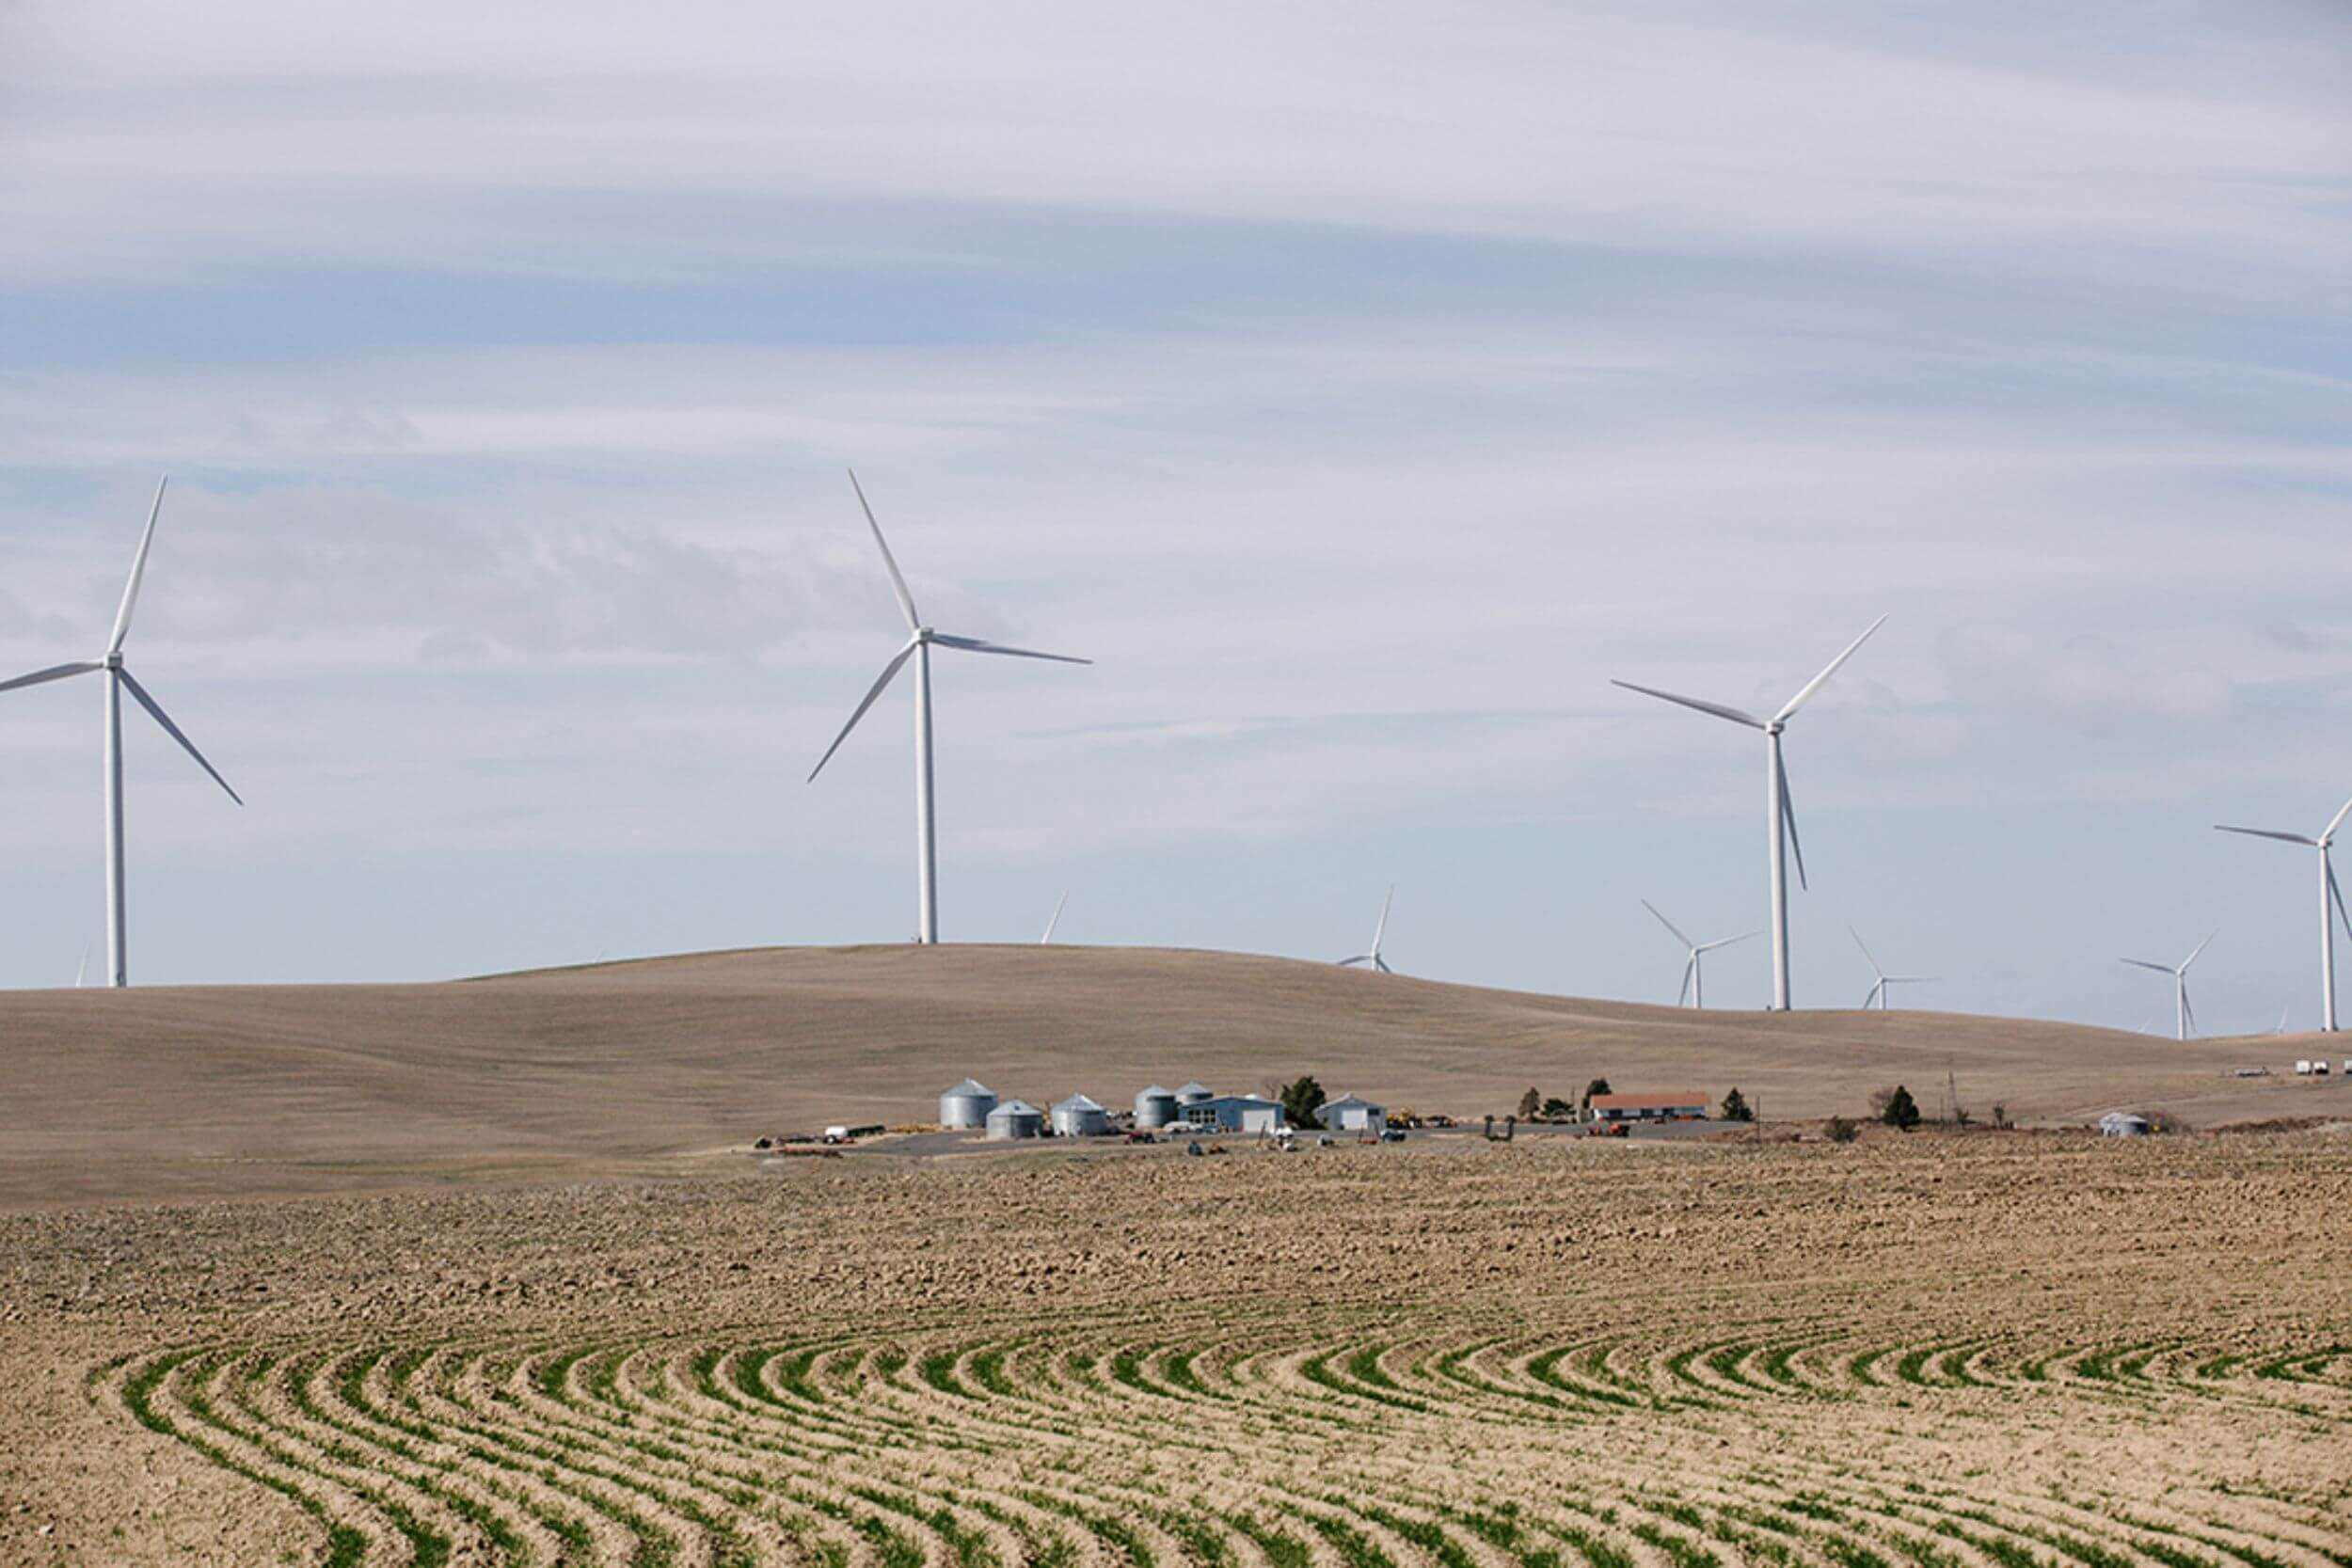 A faraway shot of windmills on a brown hillside.